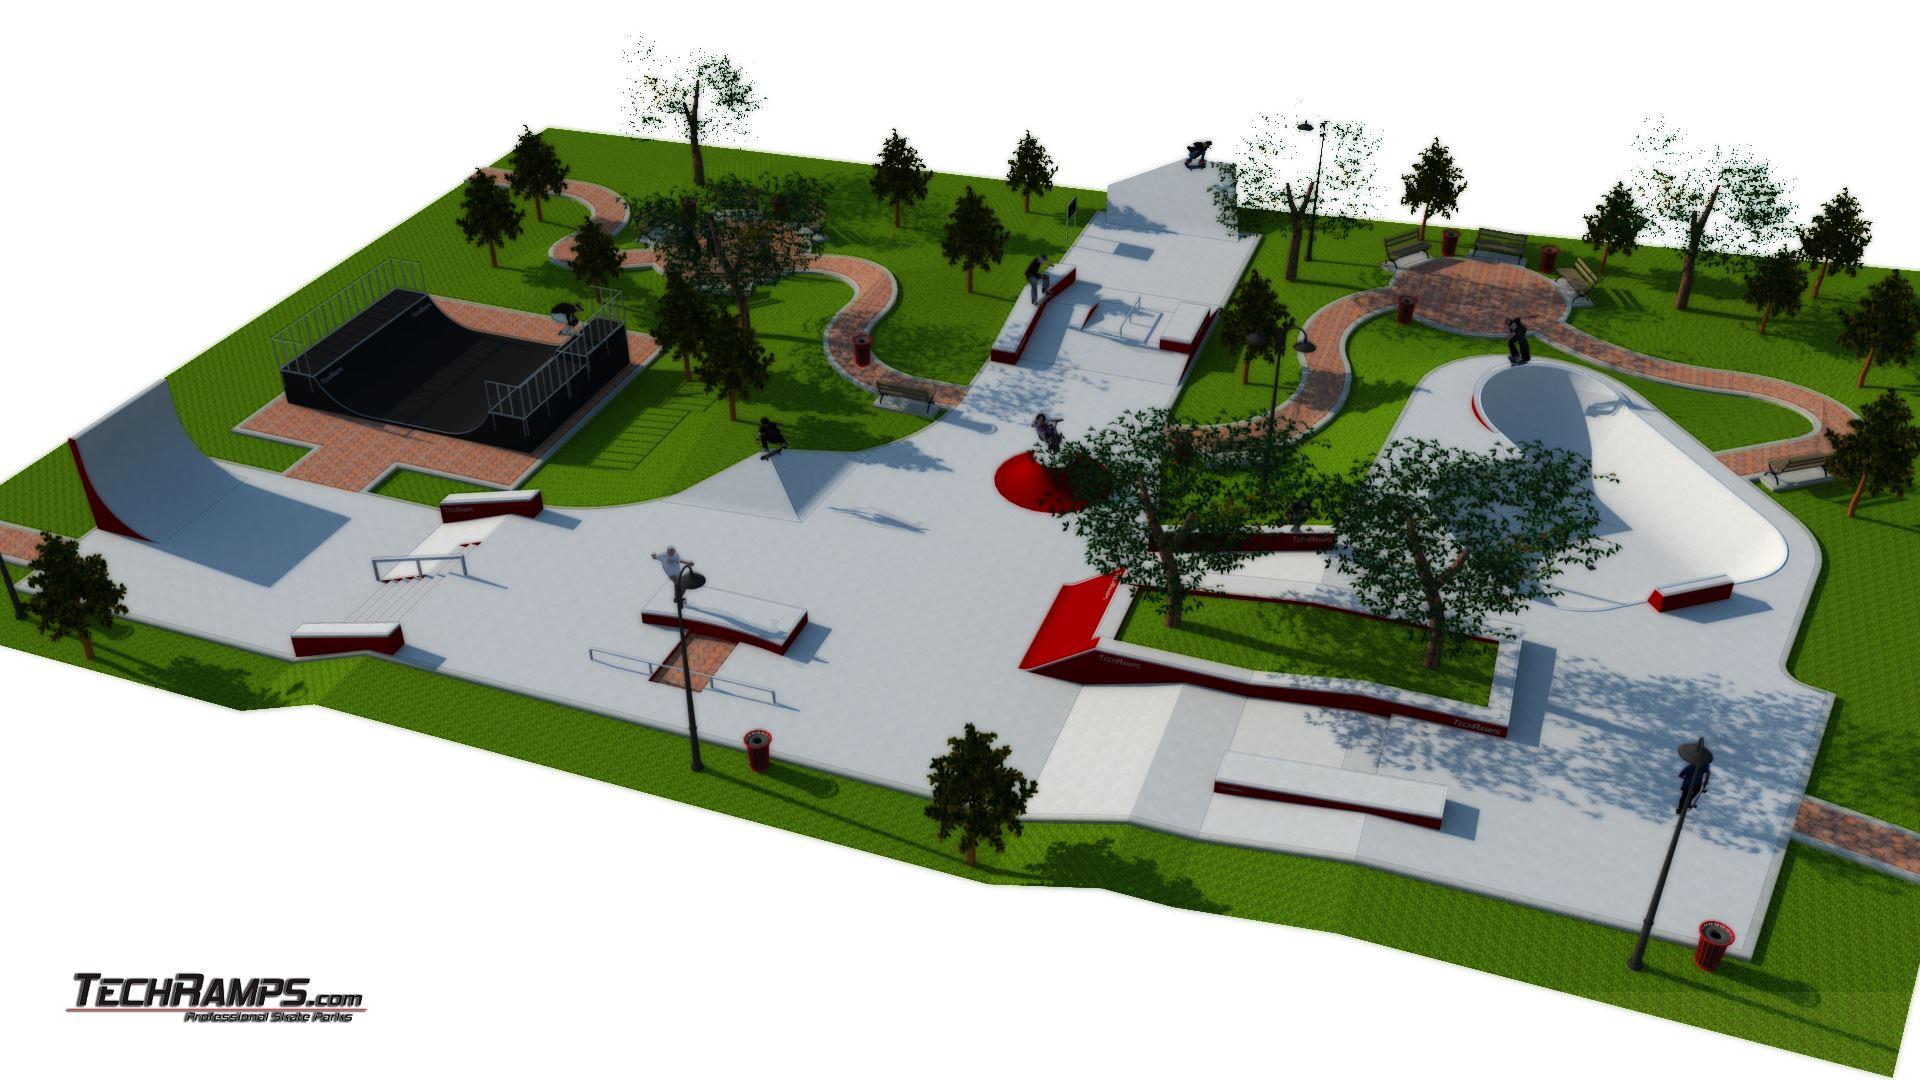 Skate Park Mistrzejowice - Kraków